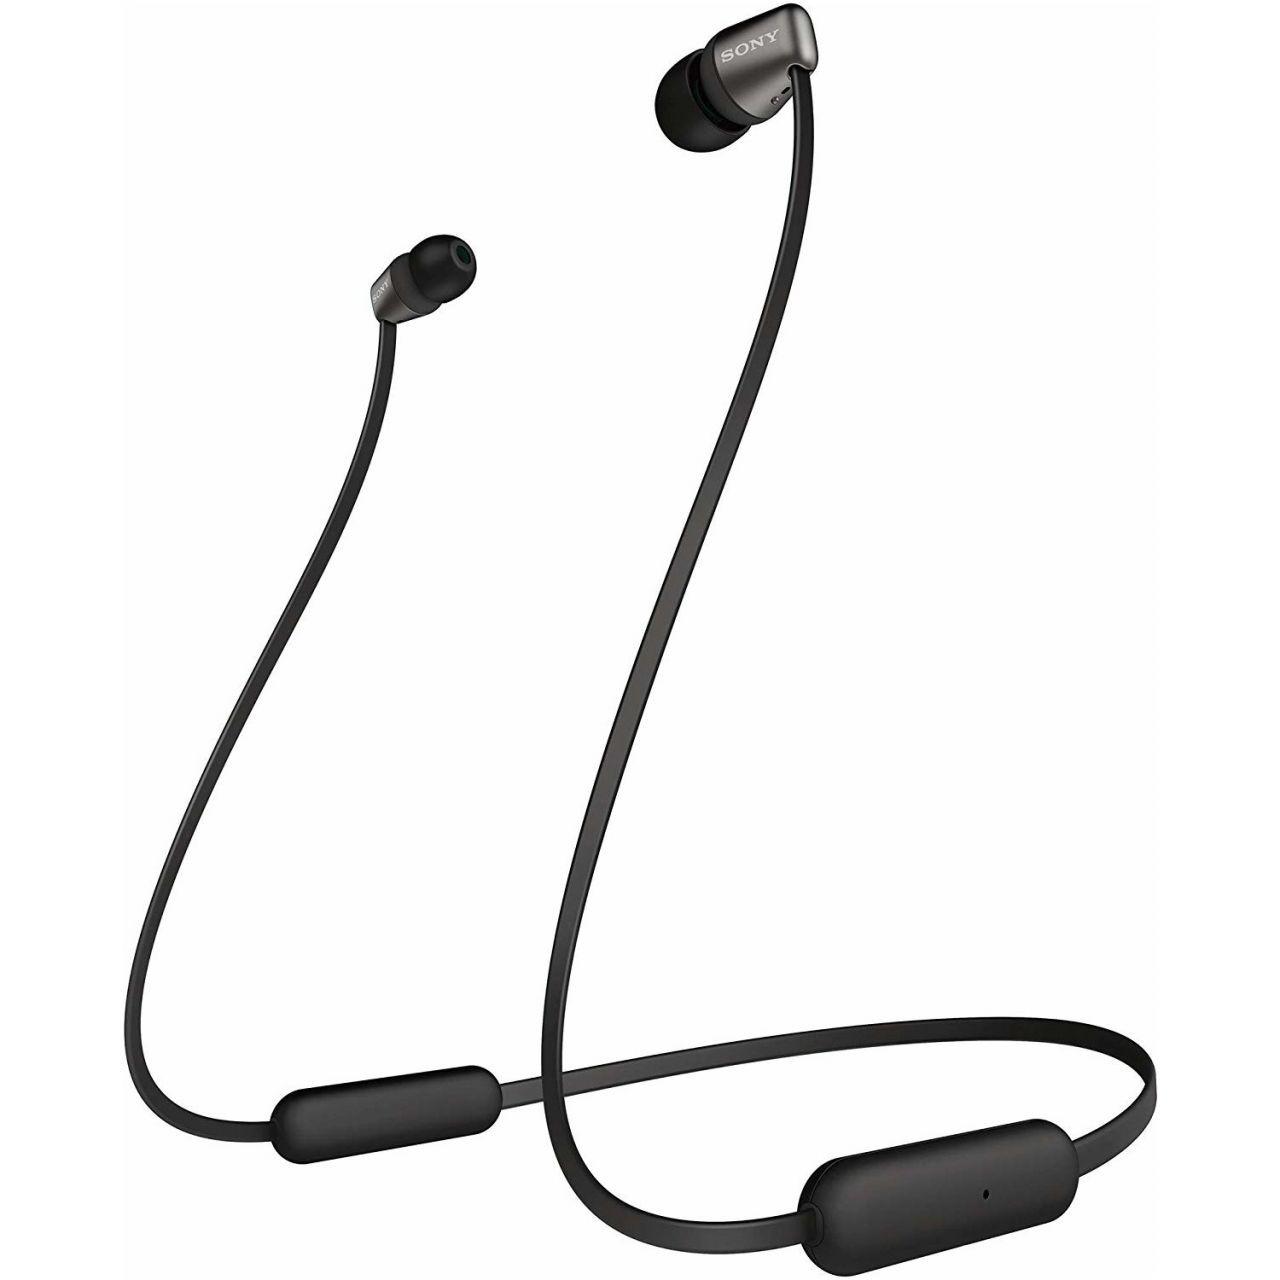 250 TL altı Bluetooth kulaklıklar -Aralık 2019 - Page 1